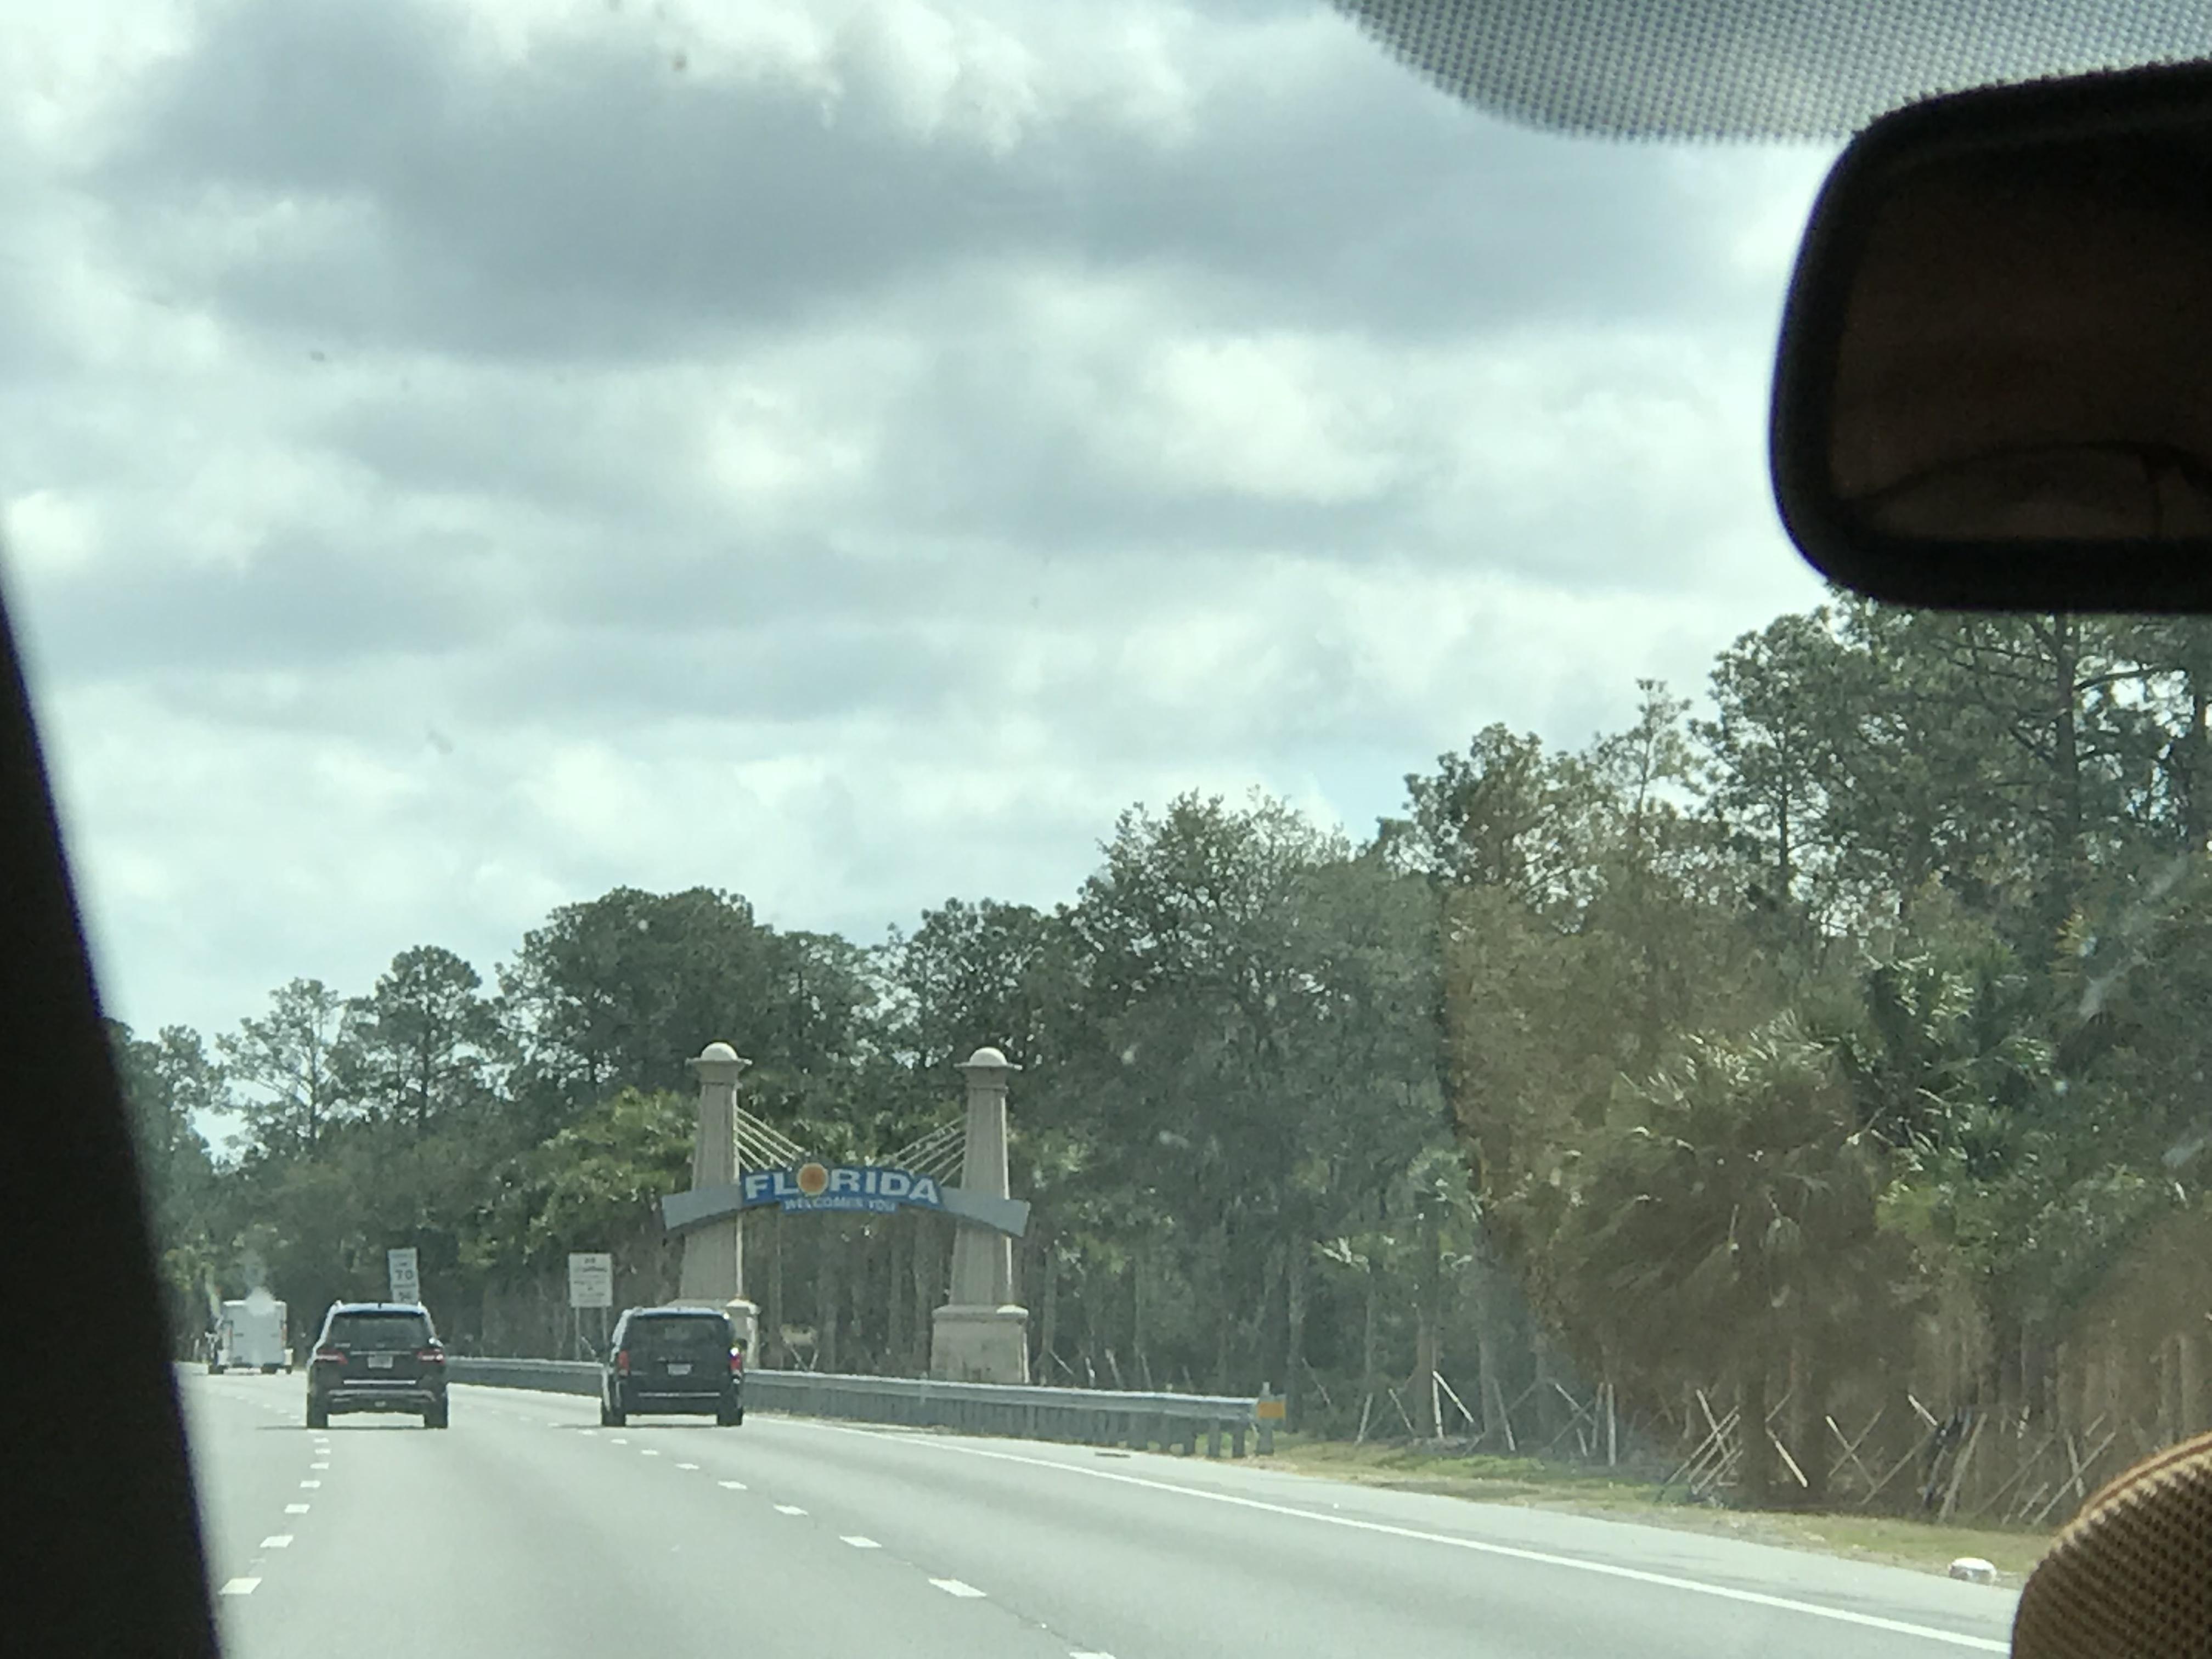 Florida sign!